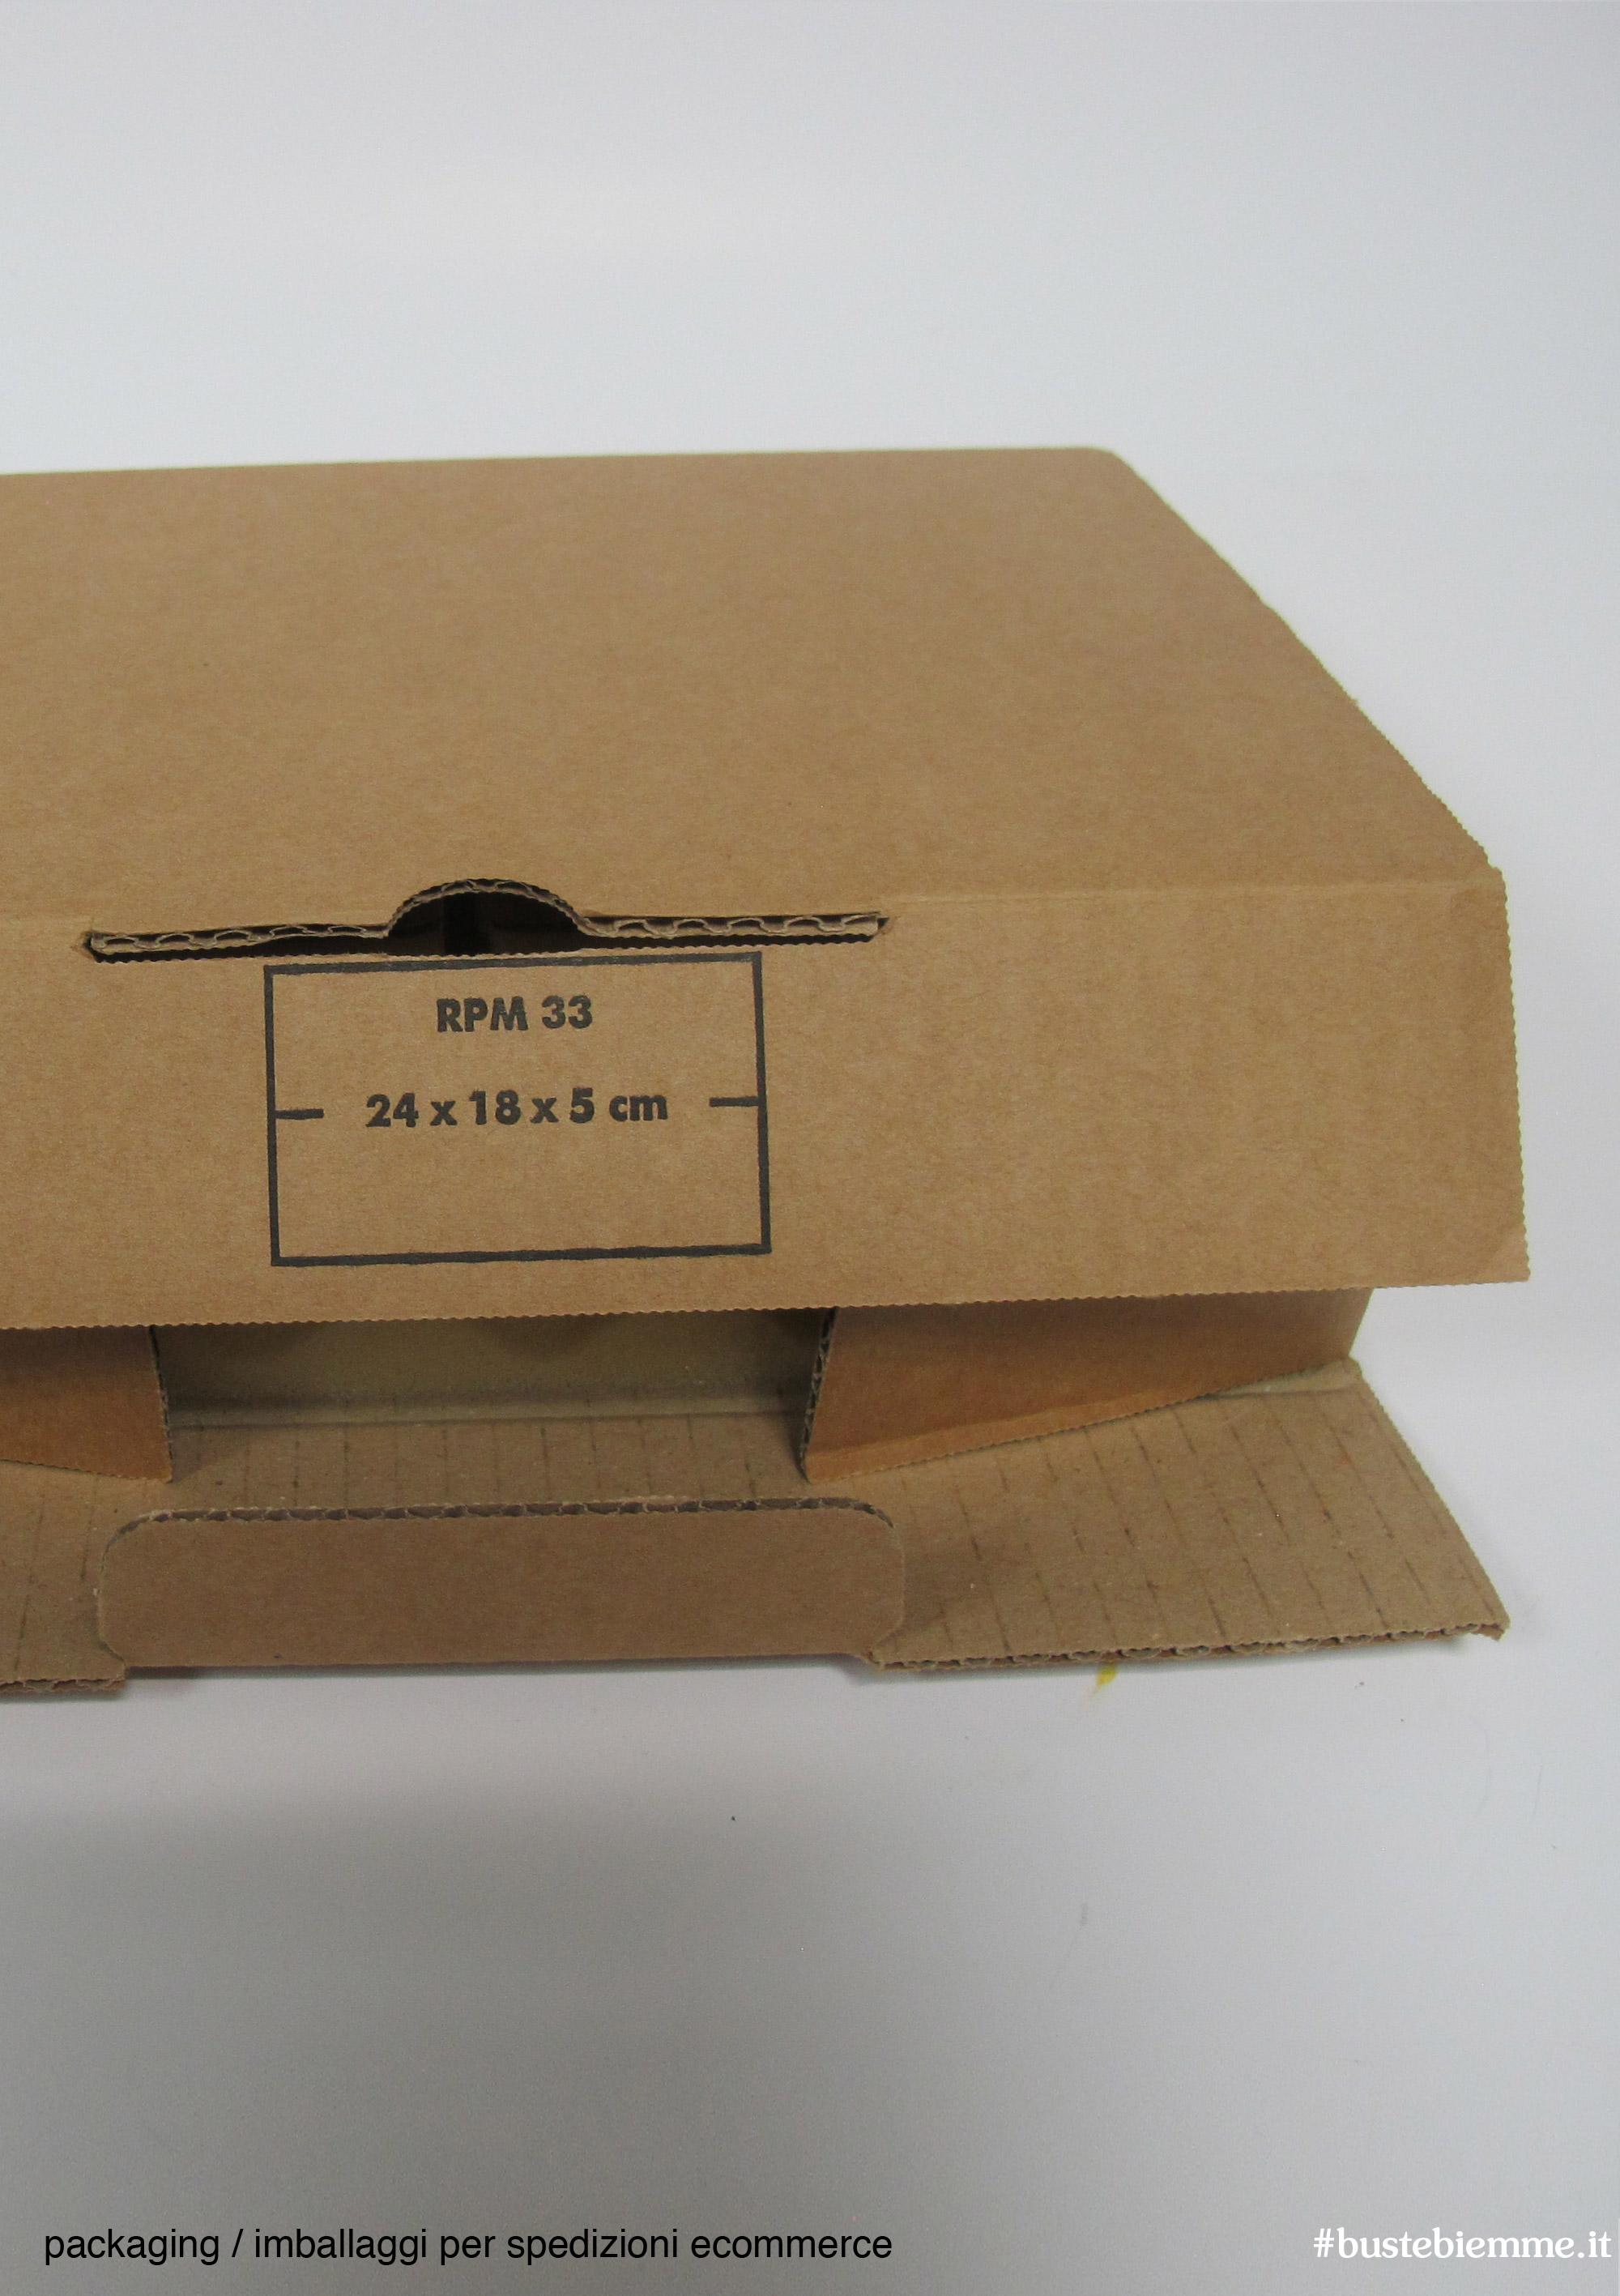 imballaggi specifici per spedizioni e-commerce